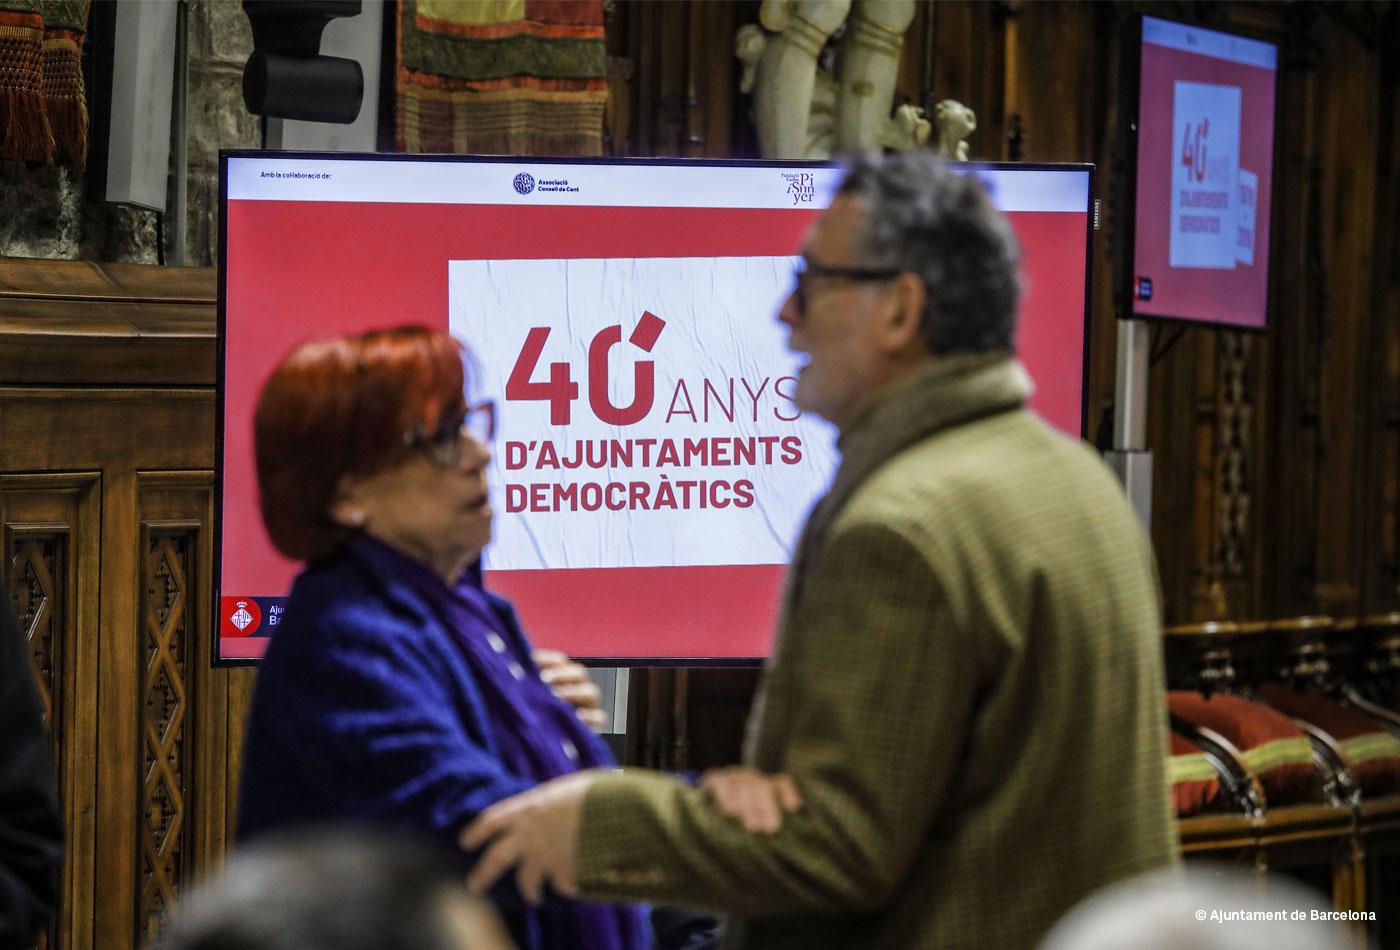 image-40anys-ajuntaments-democratics